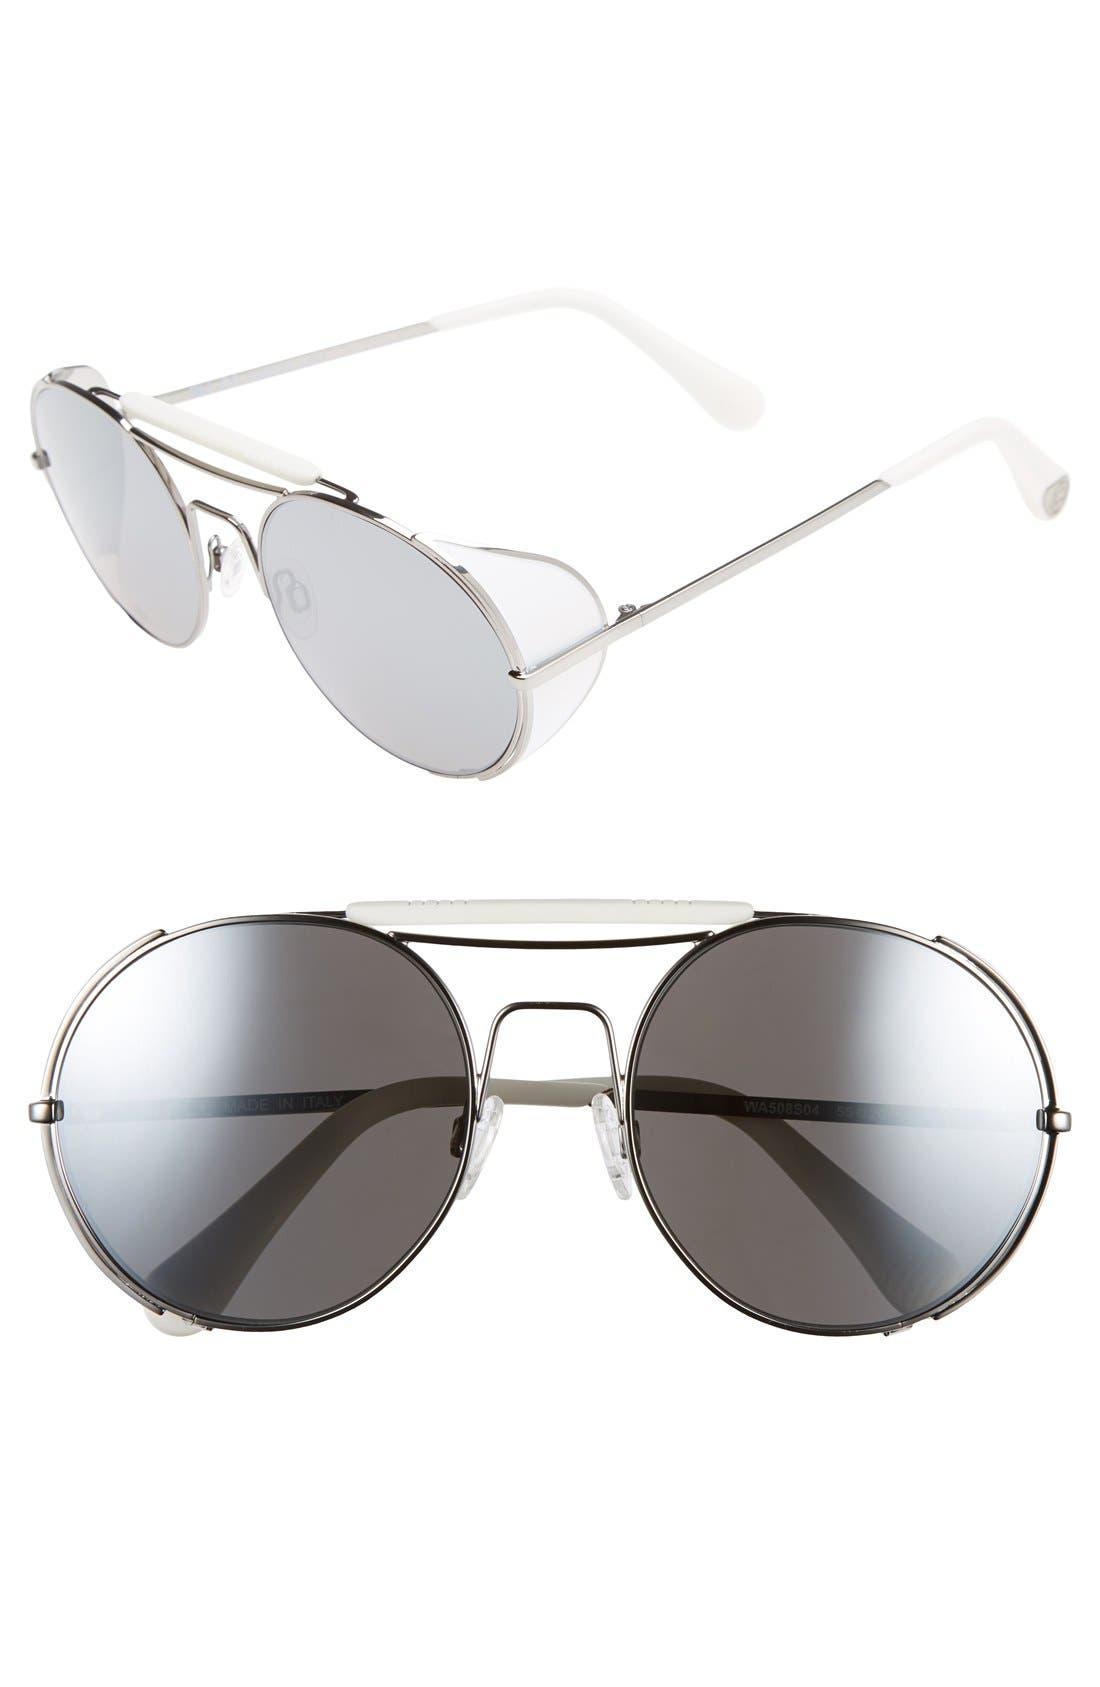 Main Image - ill.i by will.i.am 'WA508S' 55mm Sunglasses